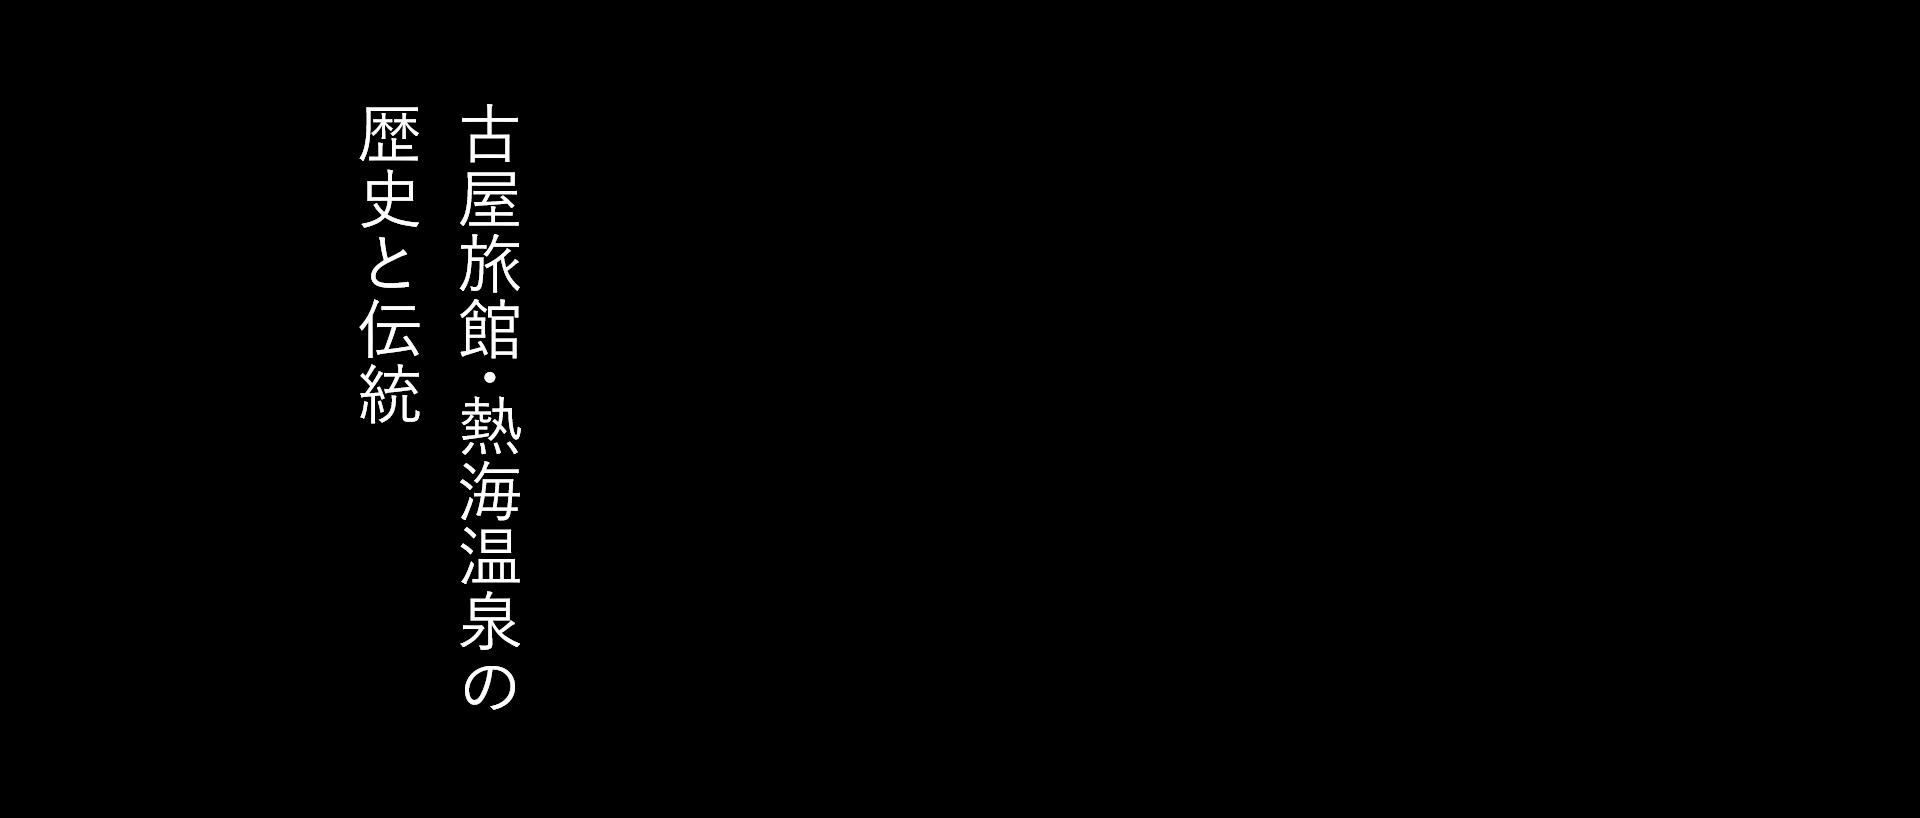 古屋旅館・熱海温泉の歴史と伝統